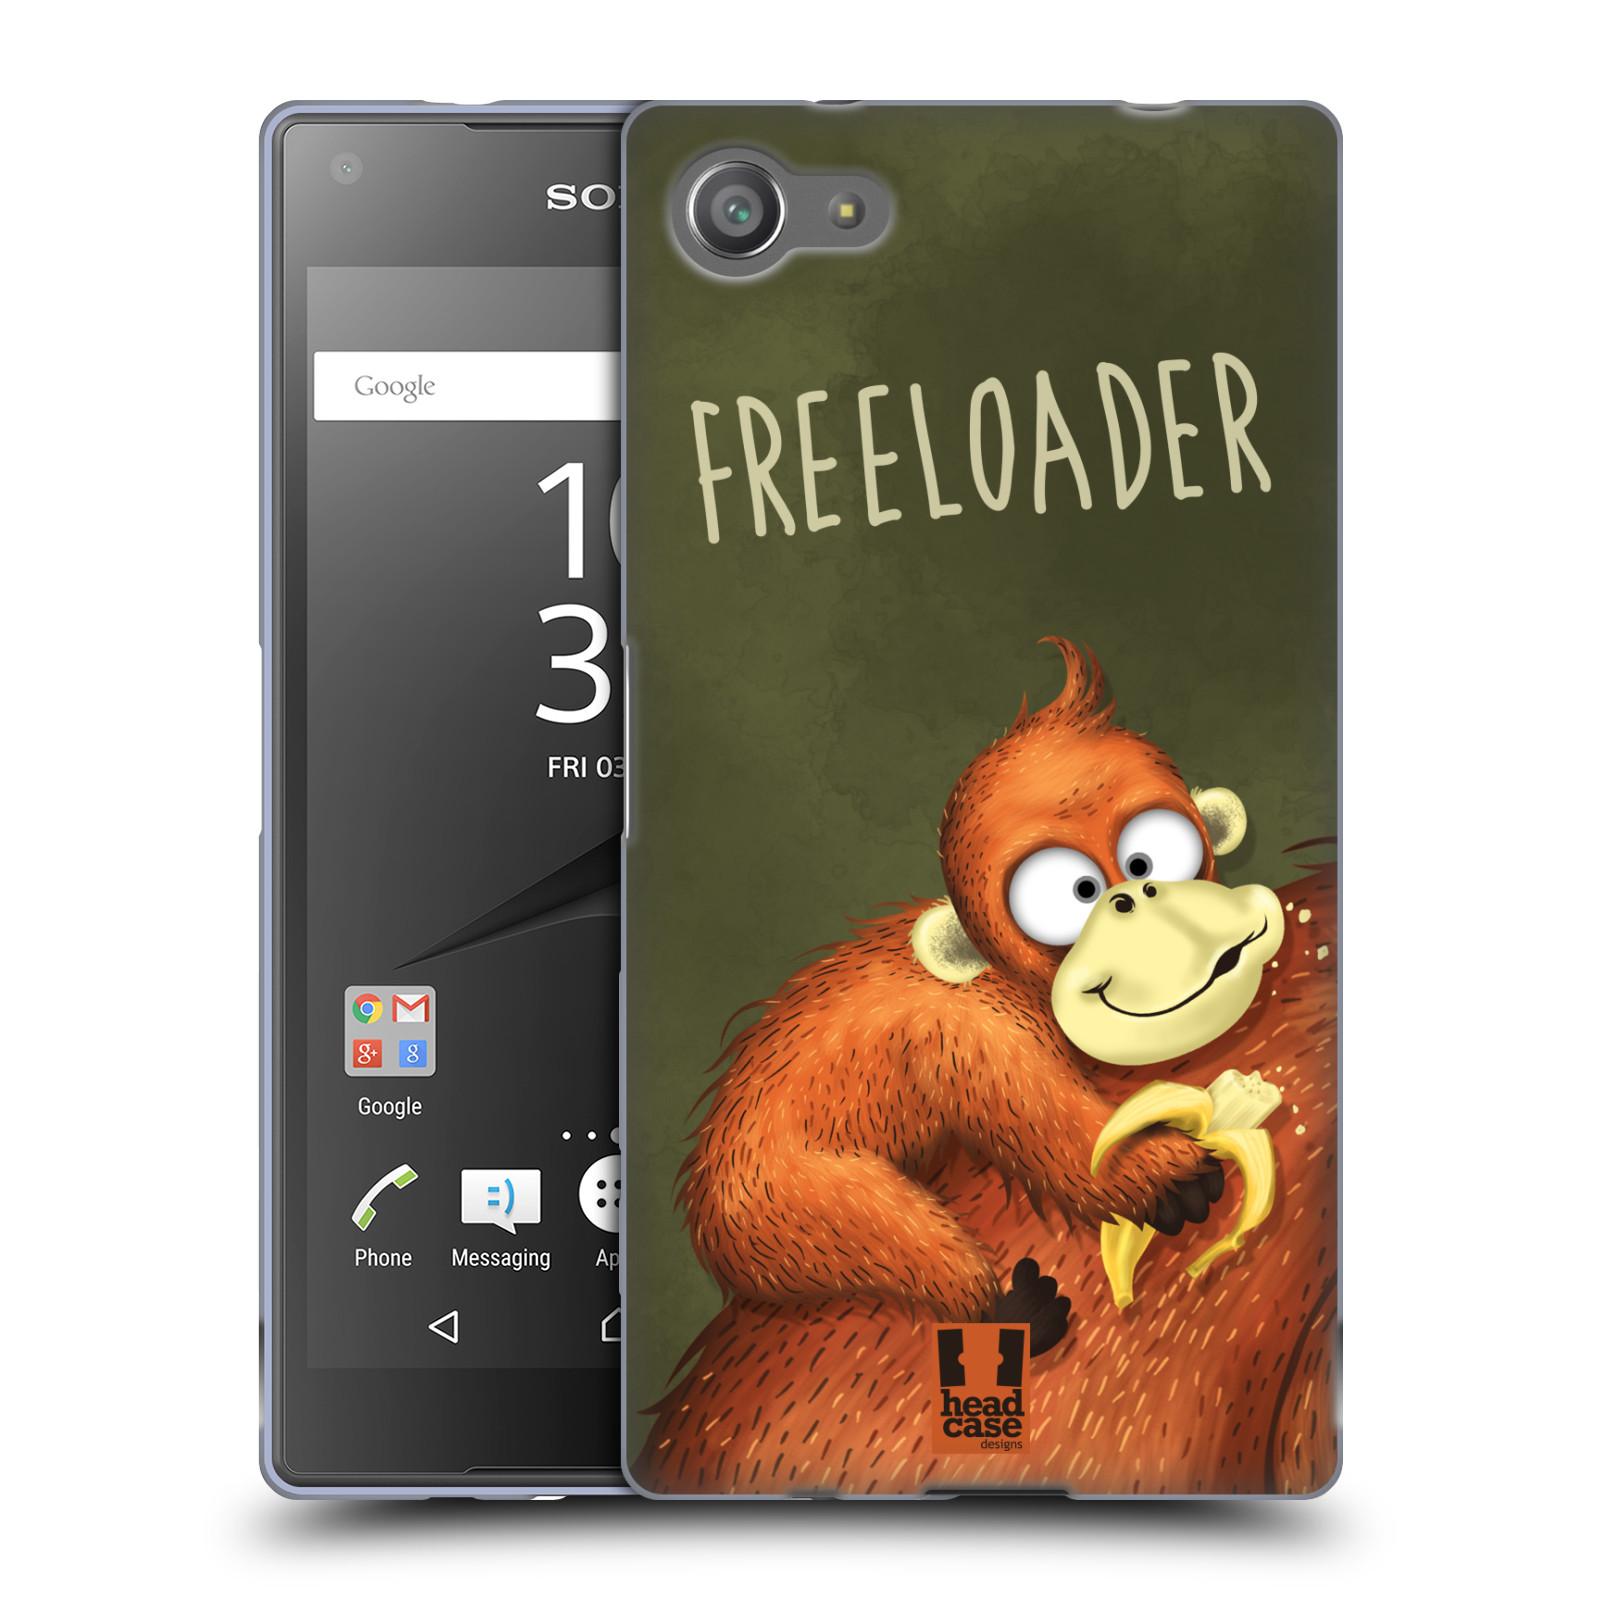 Silikonové pouzdro na mobil Sony Xperia Z5 Compact HEAD CASE Opičák Freeloader